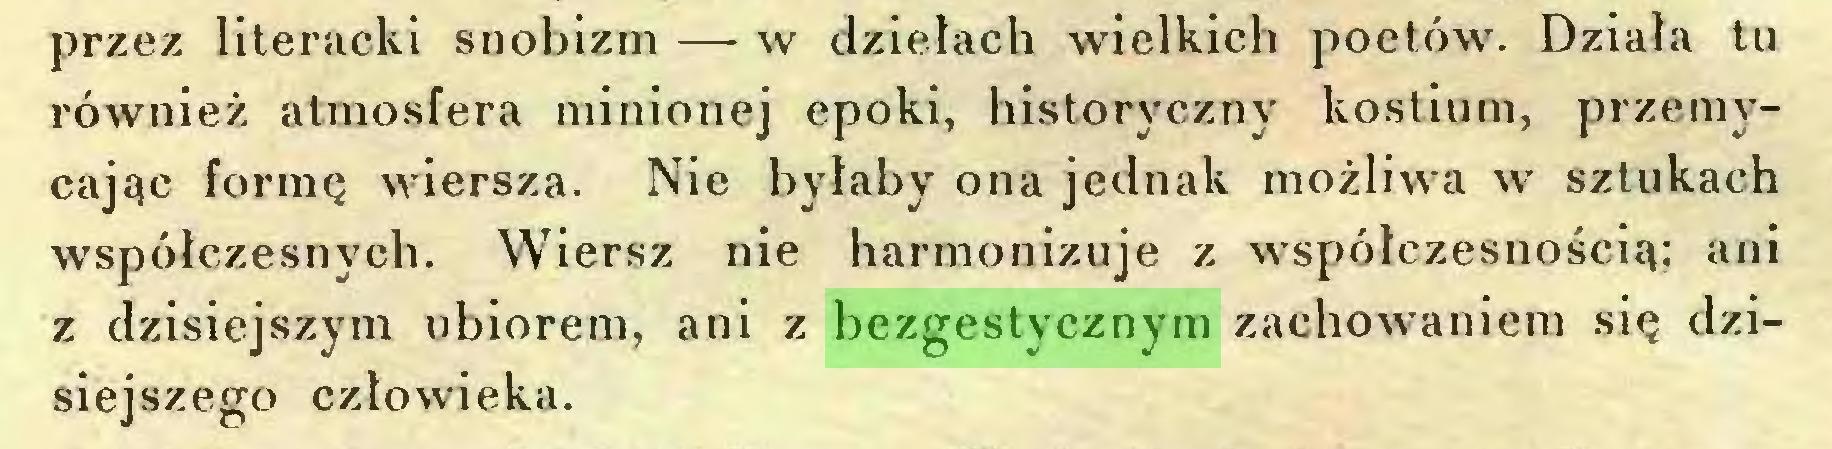 (...) przez literacki snobizm — w dziełach wielkich poetów. Działa tu również atmosfera minionej epoki, historyczny kostium, przemycając formę wiersza. Nie byłaby ona jednak możliwa w sztukach współczesnych. Wiersz nie harmonizuje z współczesnością; ani z dzisiejszym ubiorem, ani z bezgestycznym zachowaniem się dzisiejszego człowieka...